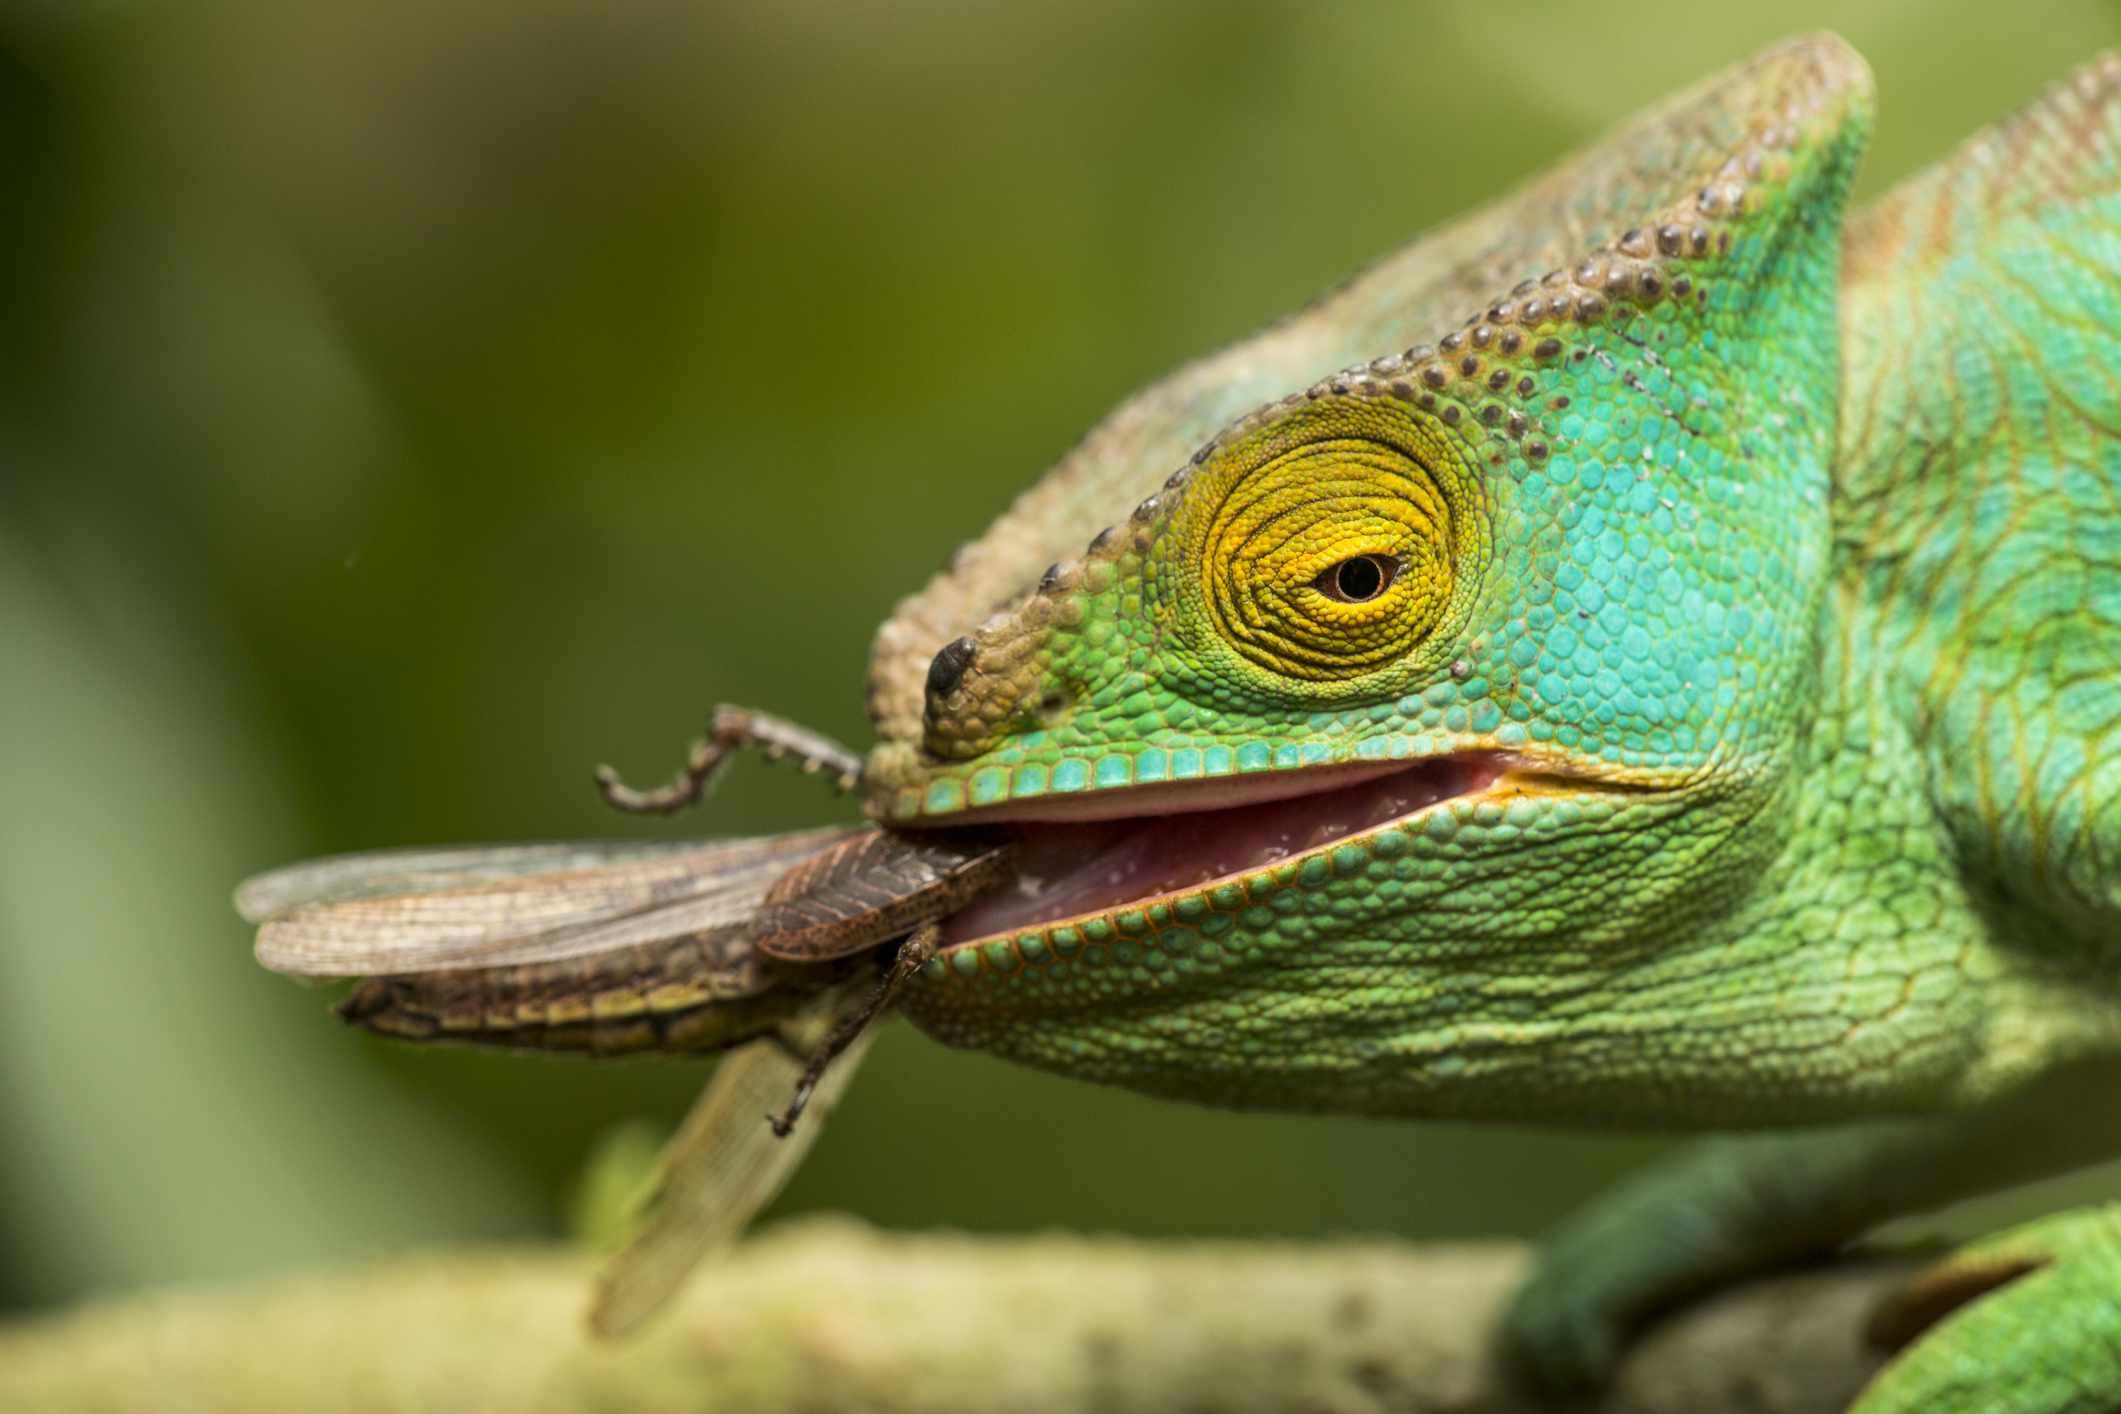 Chameleon eating a cricket